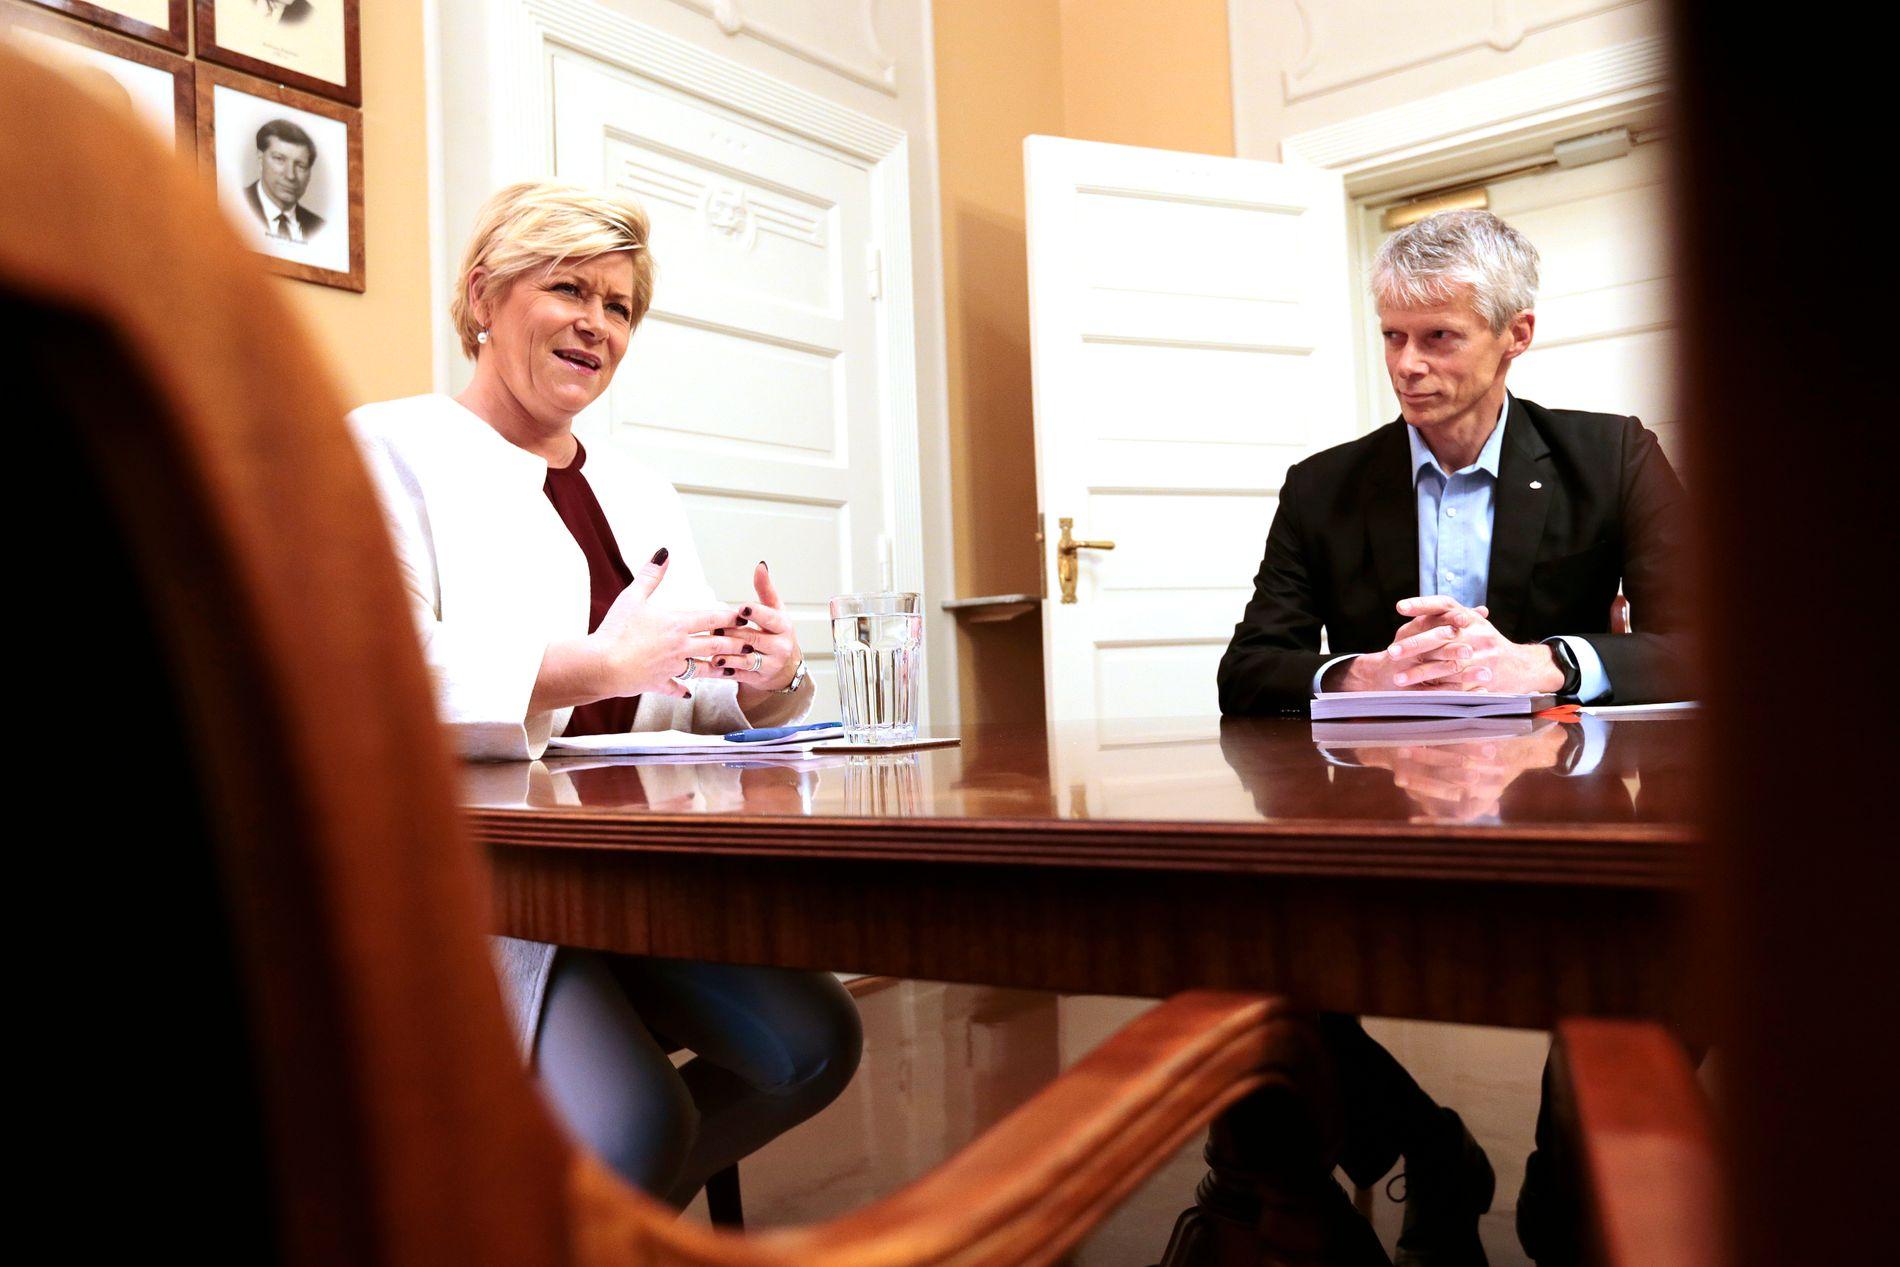 OPPFORDRER FOLK TIL Å SI FRA: Skattedirektør Hans Christian Holte sammen med finansminister Siv Jensen.